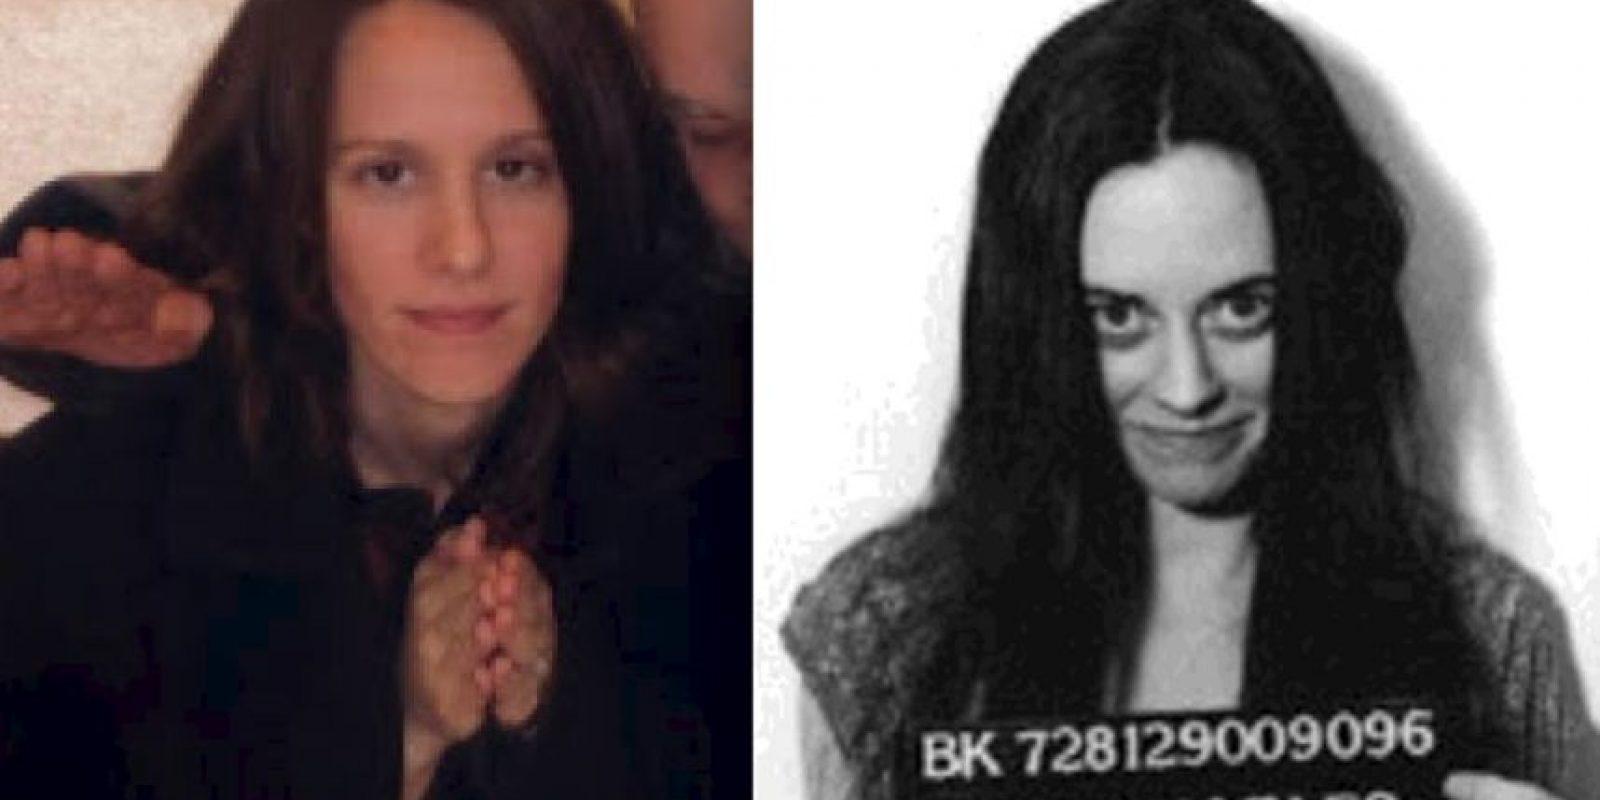 Atkins fue una fiel seguidora de Manson, participó en ocho asesinatos inspirados por la secta de Charles. Foto:MansonDirect.com/Wikipedia